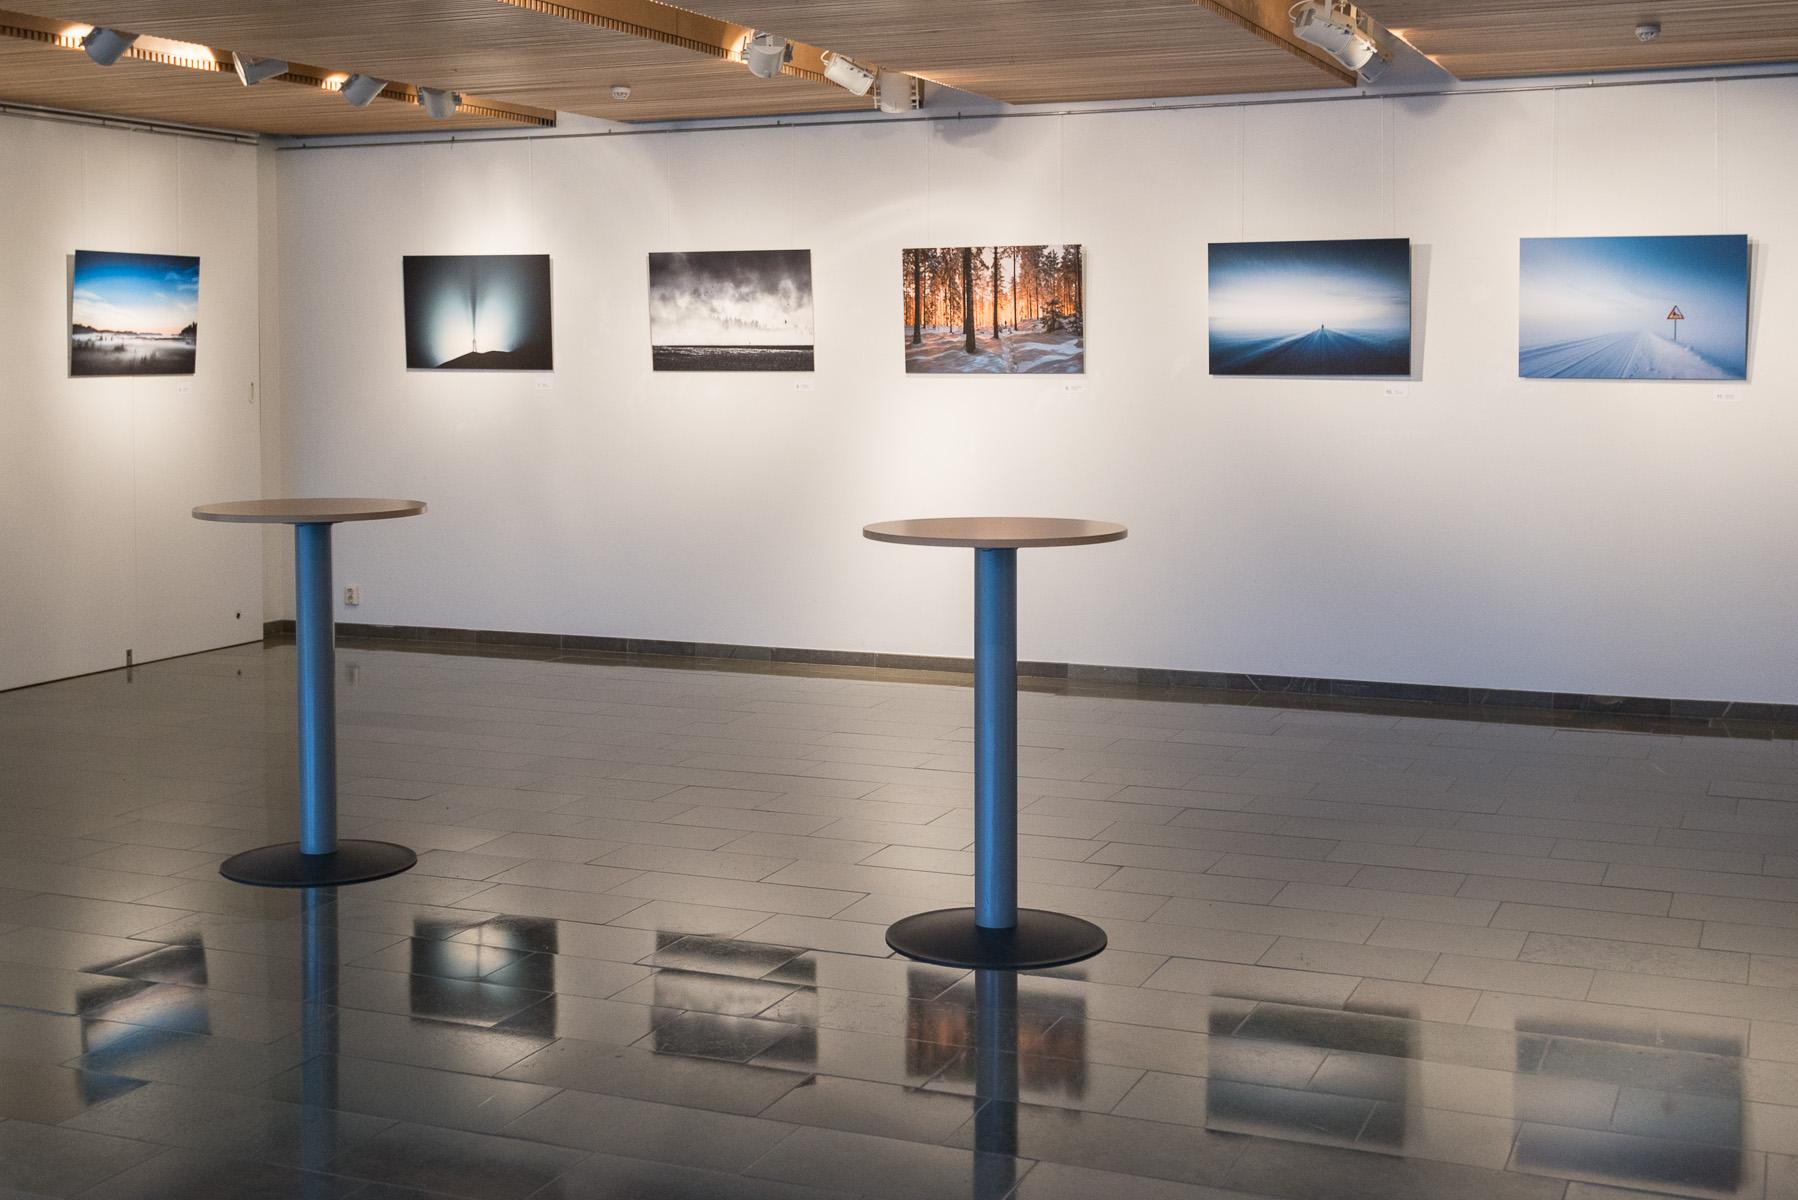 Mikko-Lagerstedt-Galleria-3.jpg